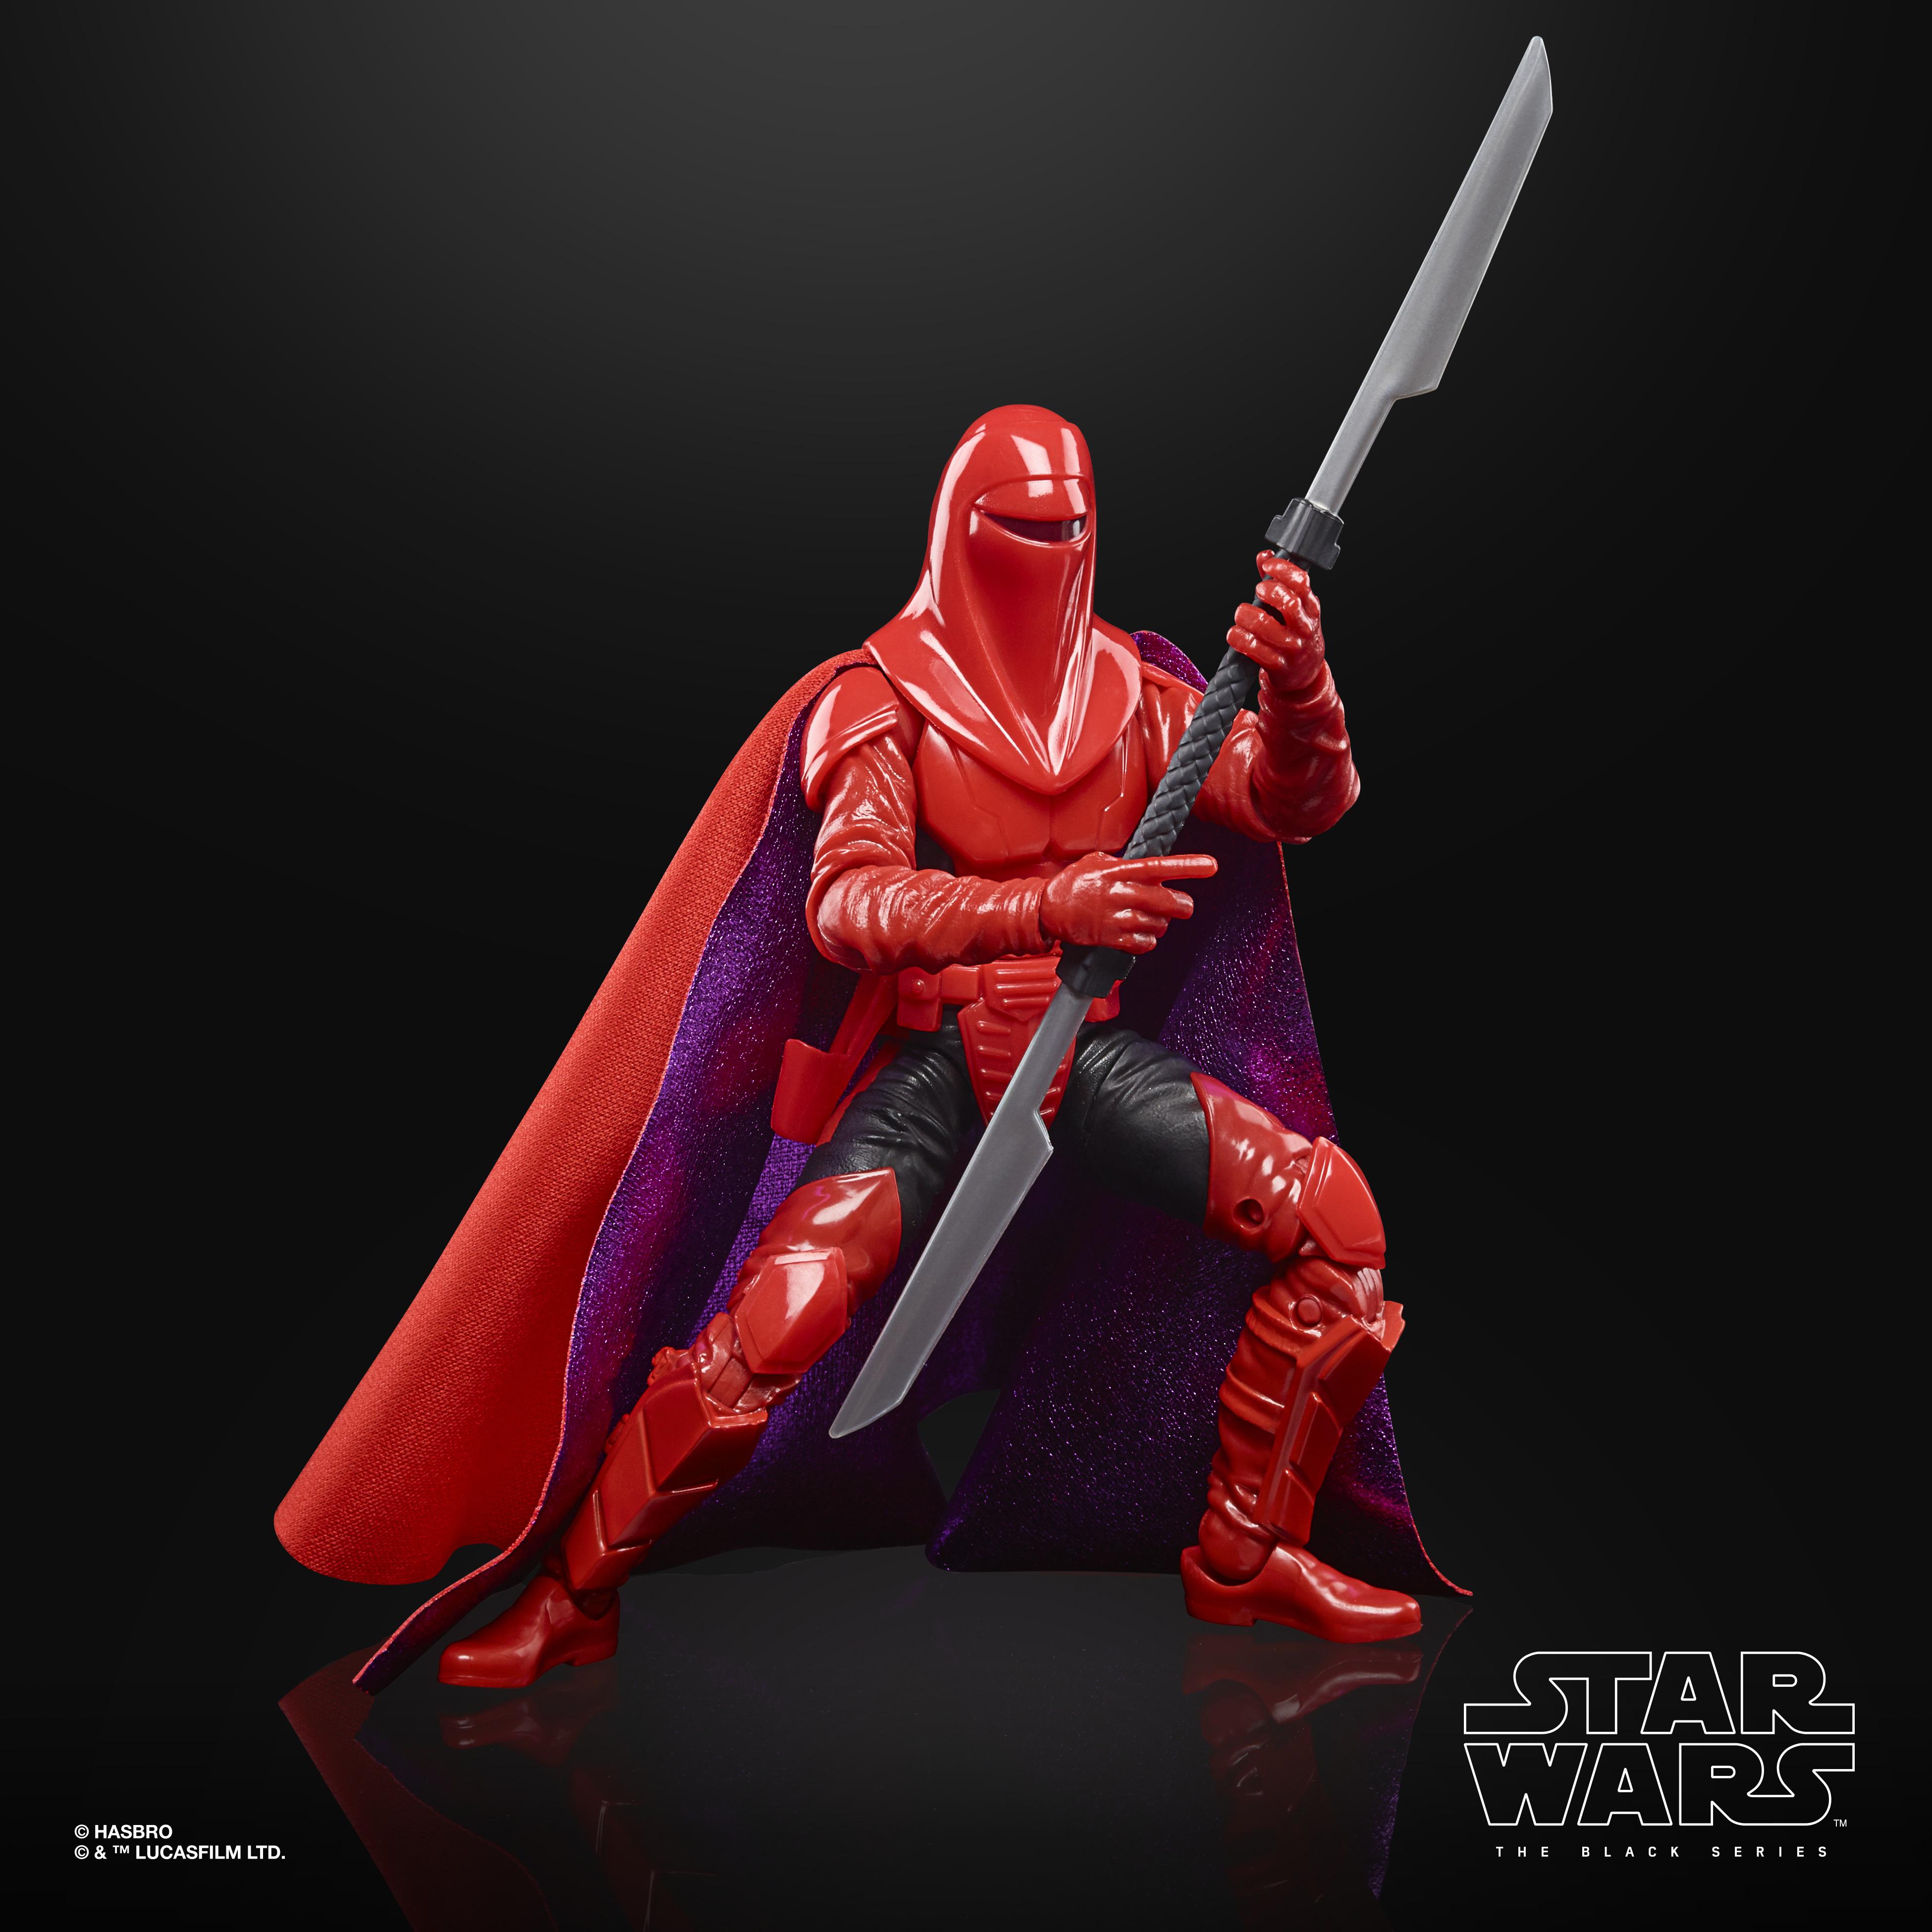 Star Wars The Black Series Carnor Jax LUCASFILM 50TH ANNIVERSARY FIGURE F28165L00 5010993863242